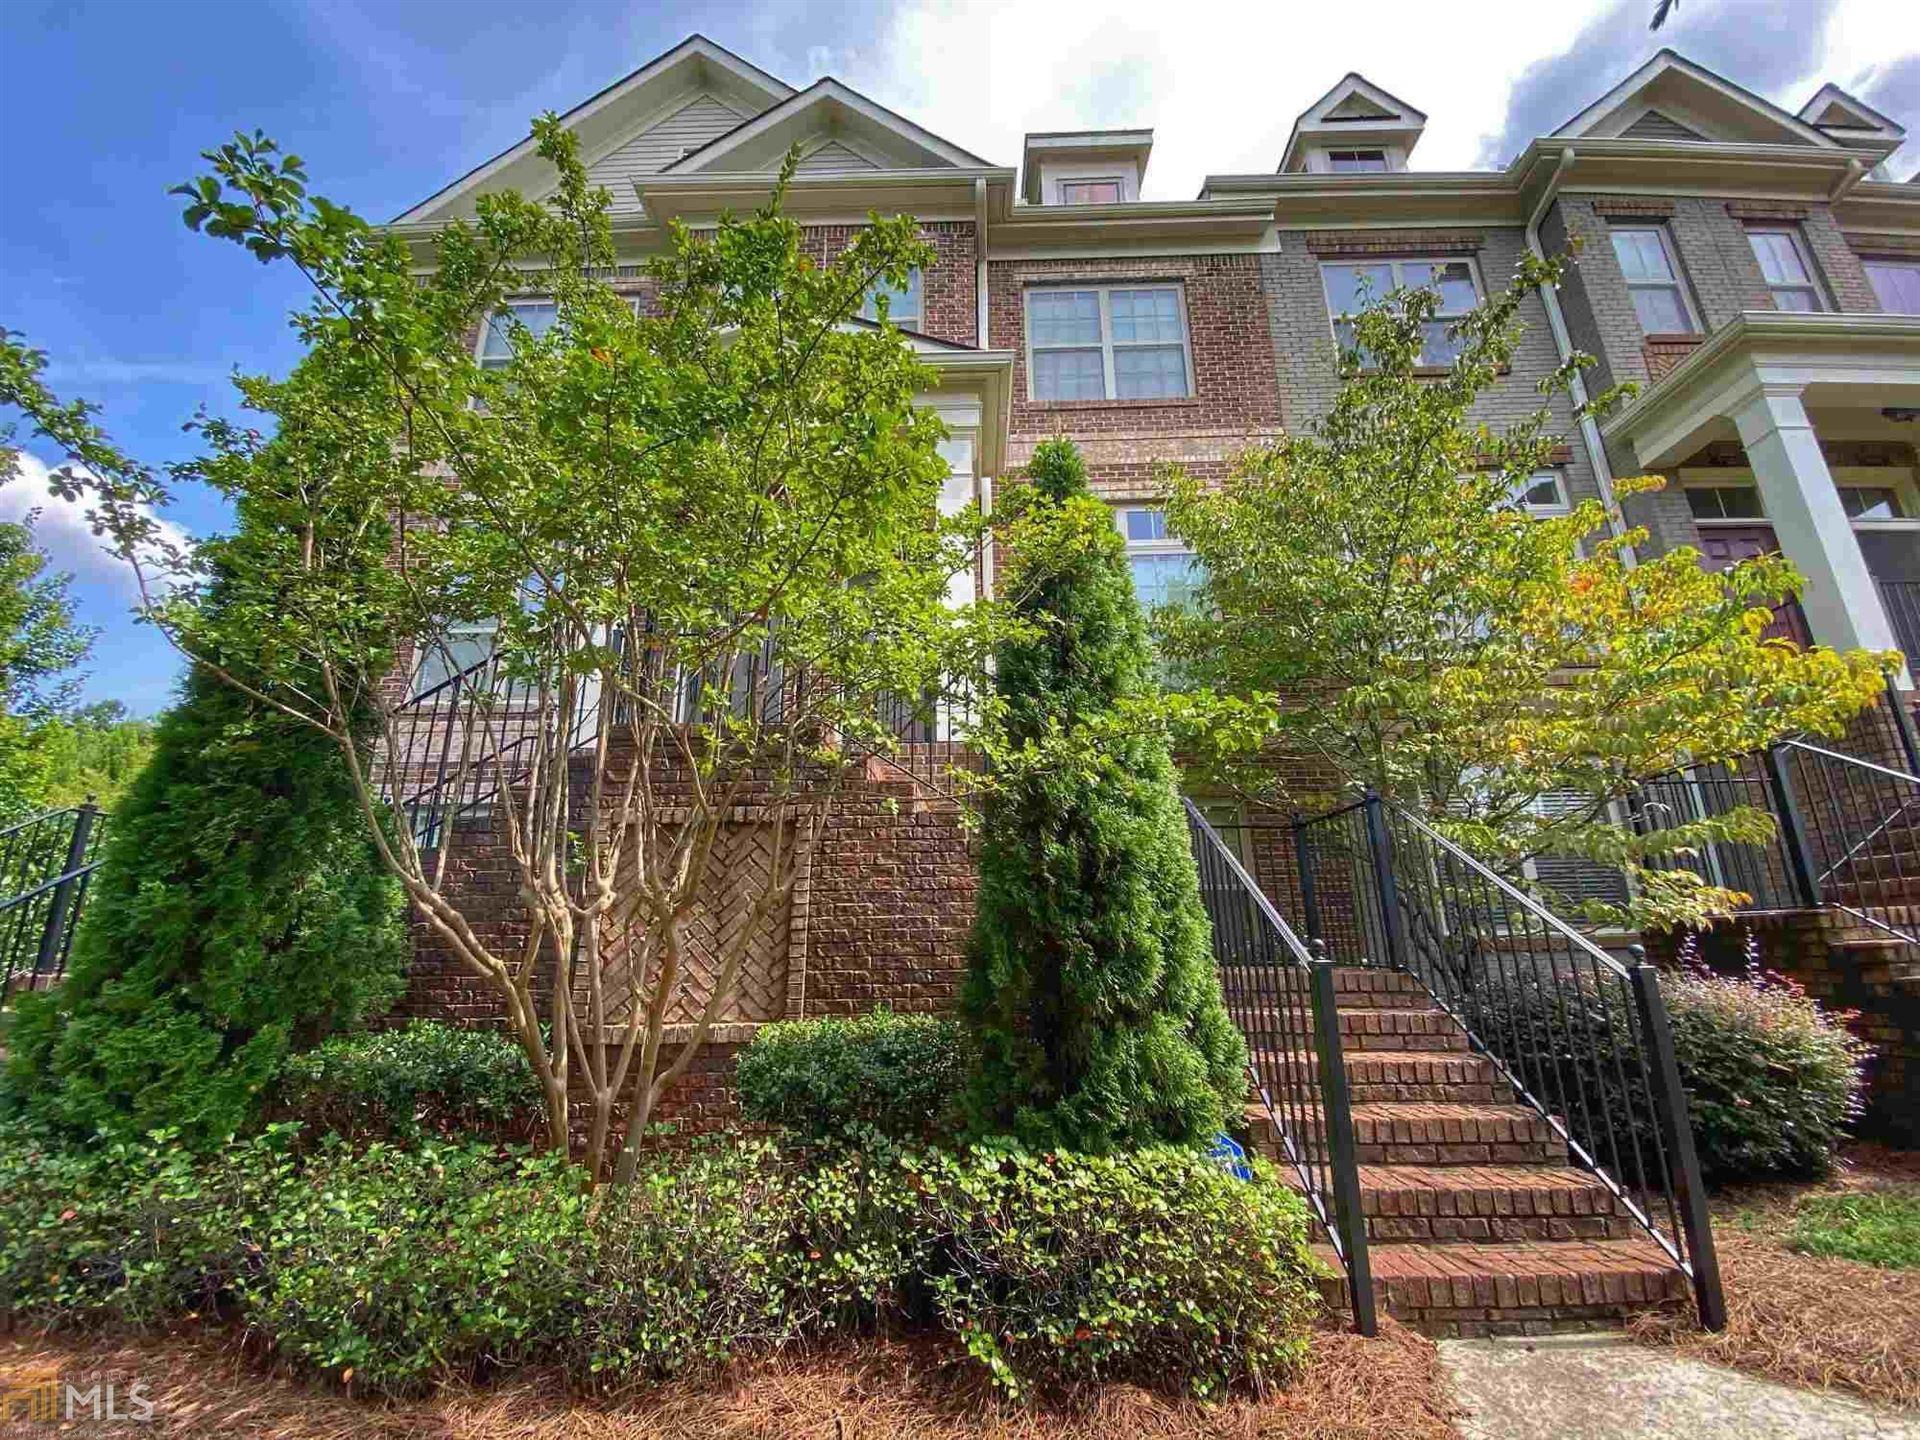 7210 Glisten Ave, Atlanta, GA 30328 - MLS#: 8860286